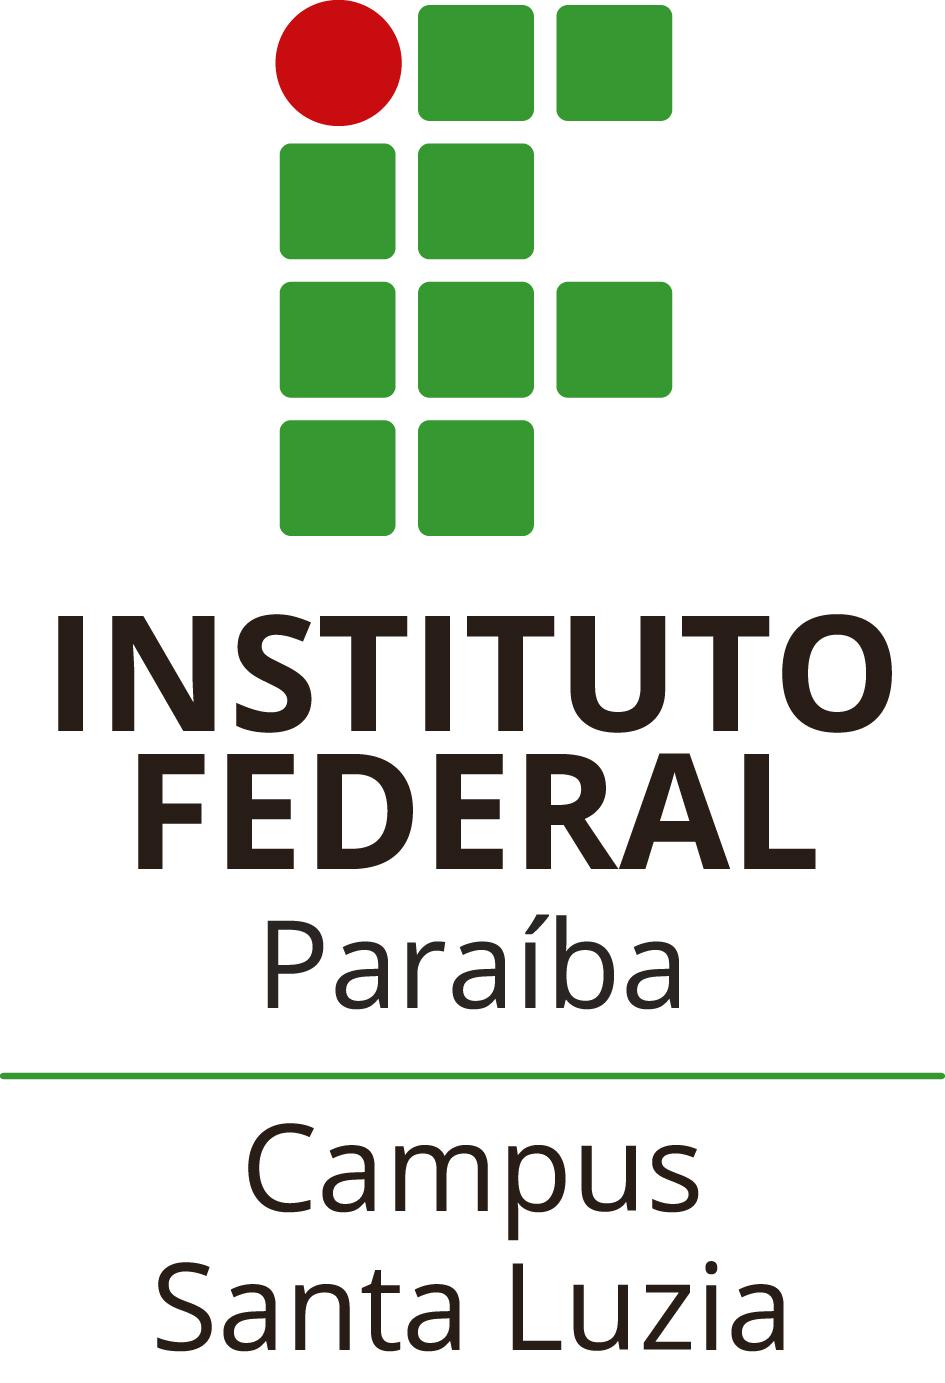 Campus Santa Luzia